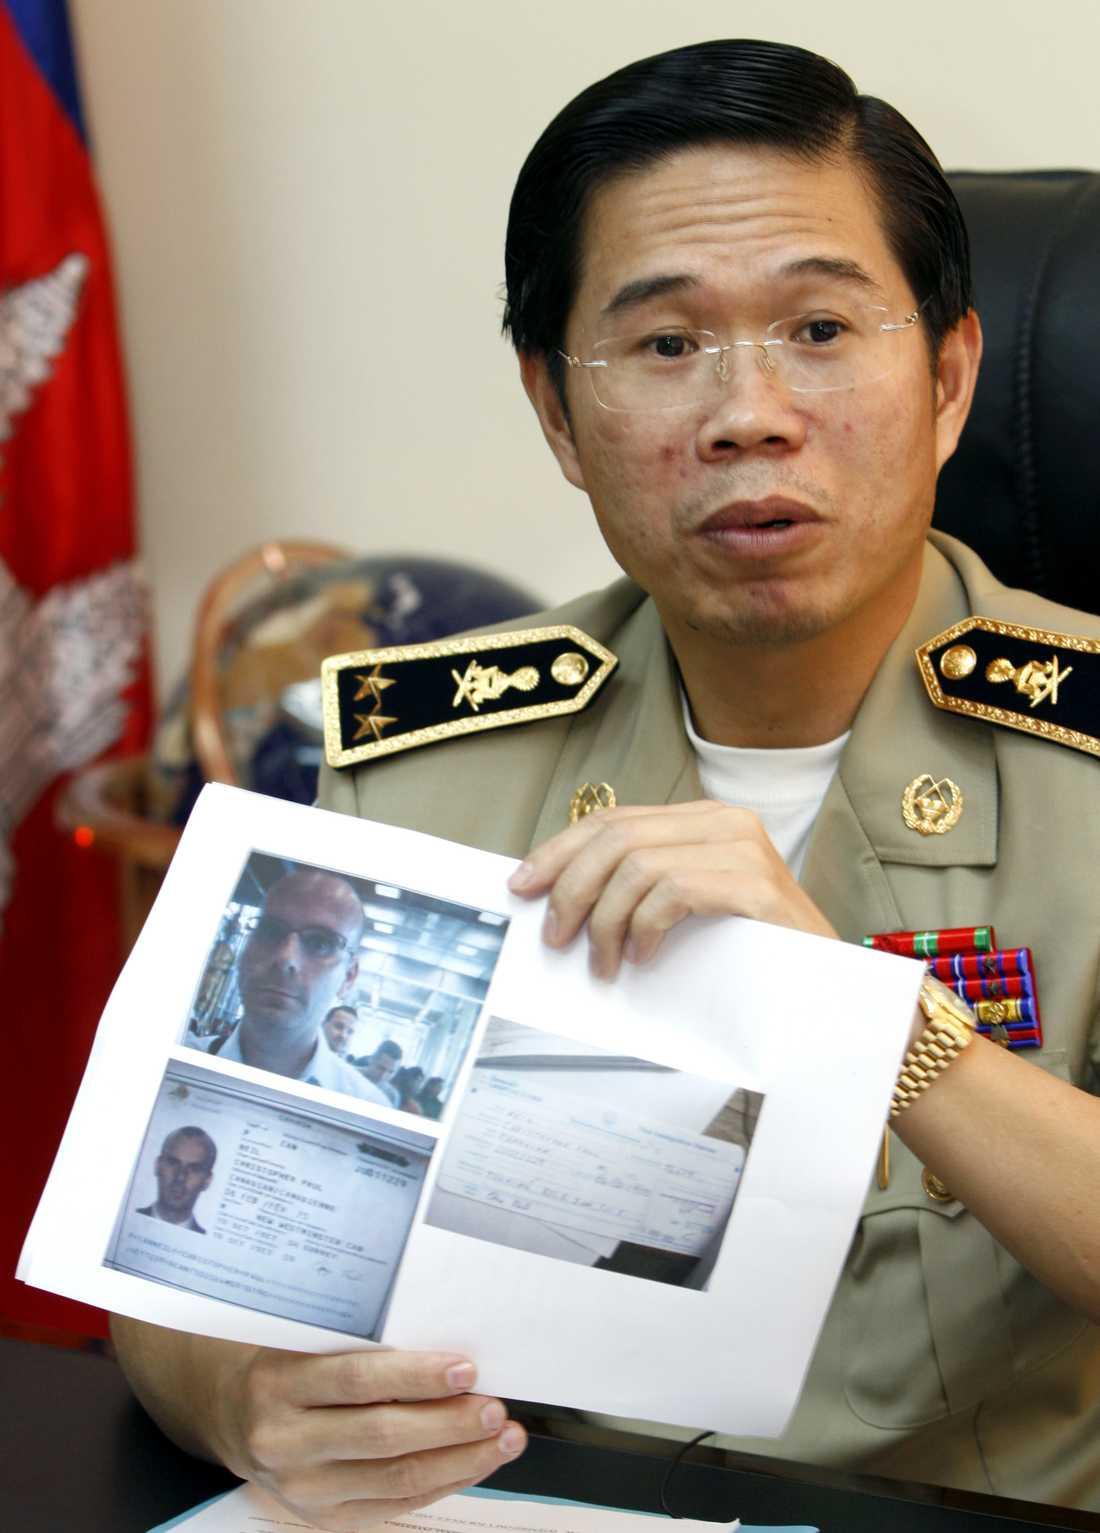 REDO ATT GRIPA HONOM. Chefen för Interpols kontor i Kambodja håller upp bilder och passuppgifter gällande Christopher Paul Neil, den så kallade virvelpedofilen. Kambodja gränsar till Thailand, där Neil reste in förra veckan.